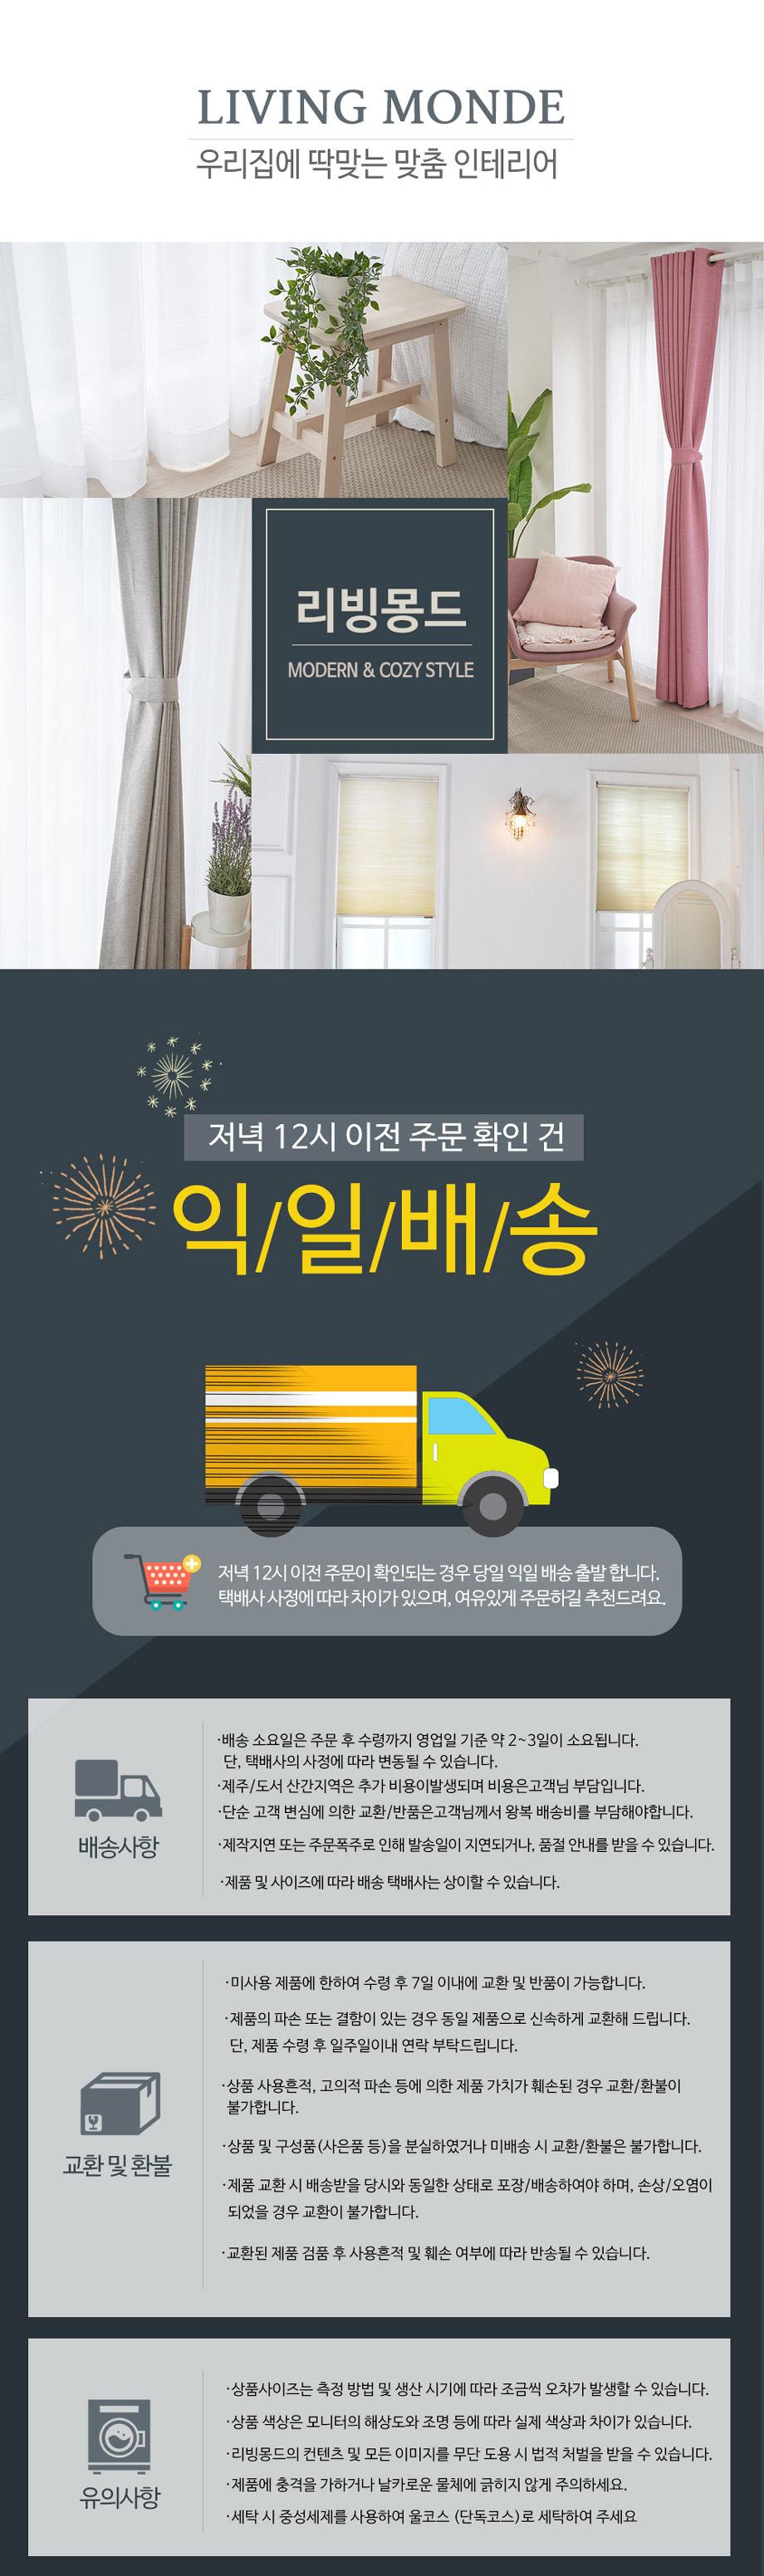 극세사 샤기 쇼파패드 사계절 3인용 커버 60X180cm - 리빙몽드 러그, 32,000원, 방석, 소파패드